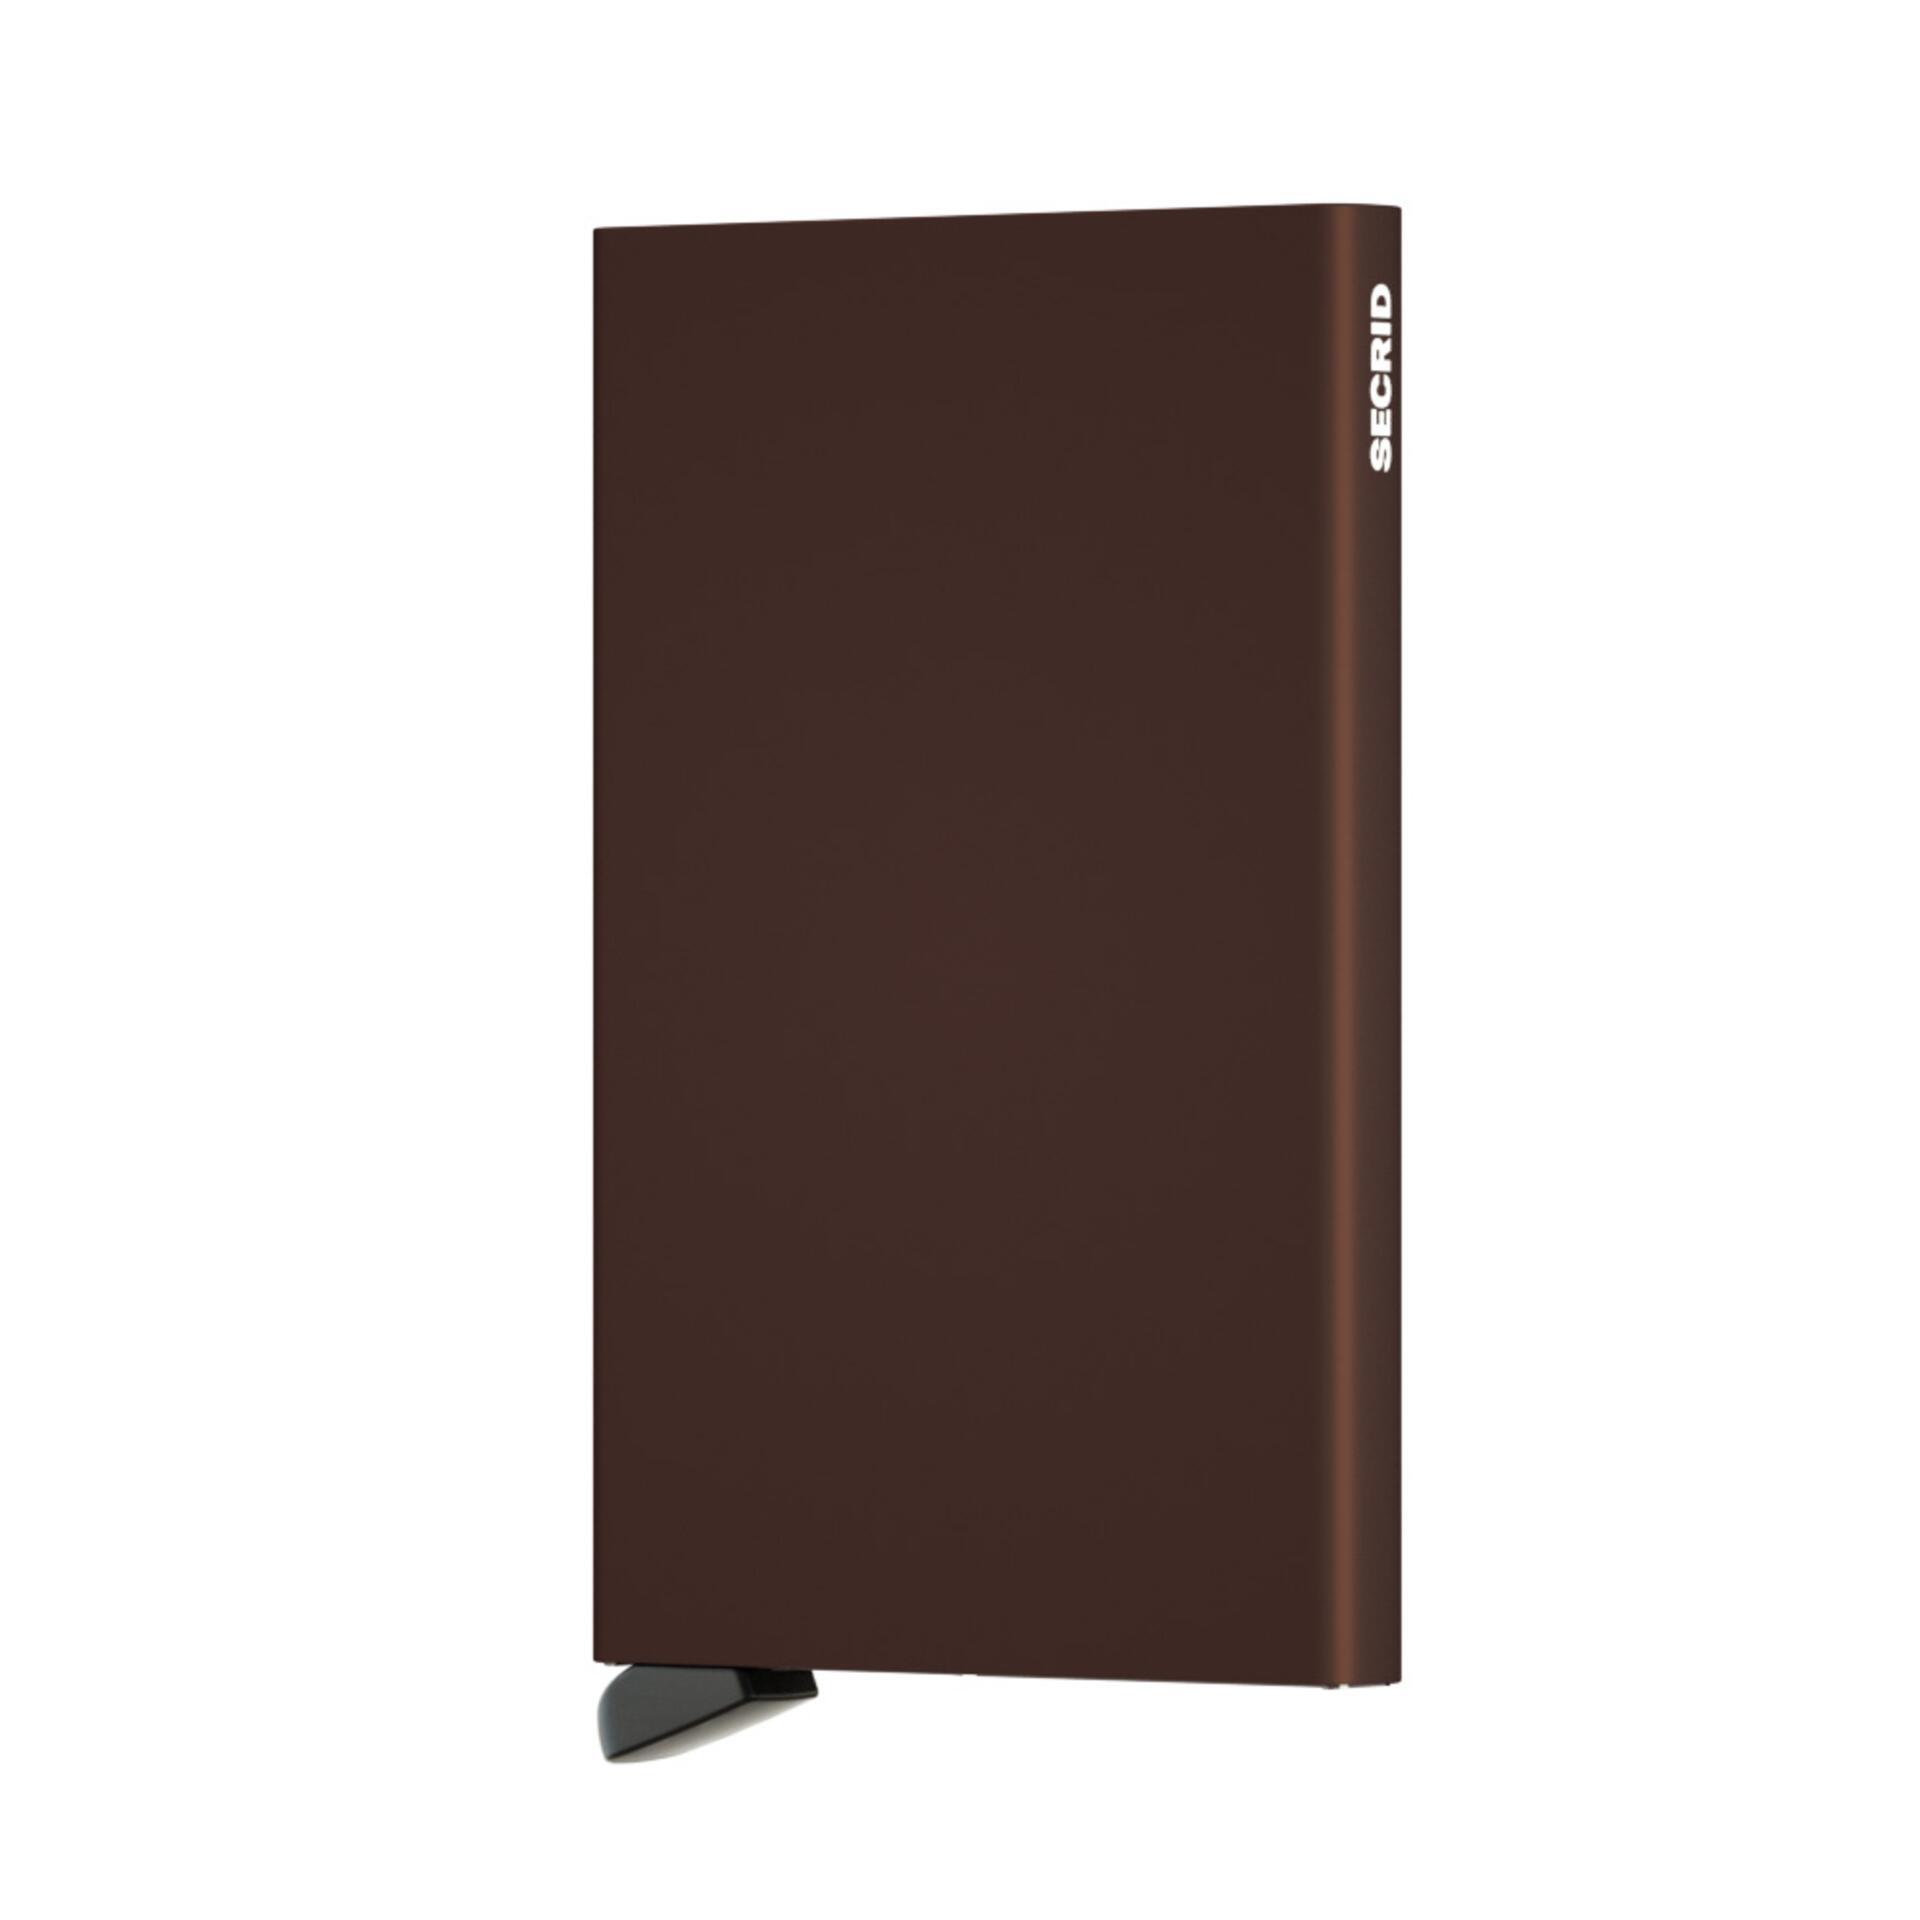 Secrid Miniwallet Vintage Chocolate Leder